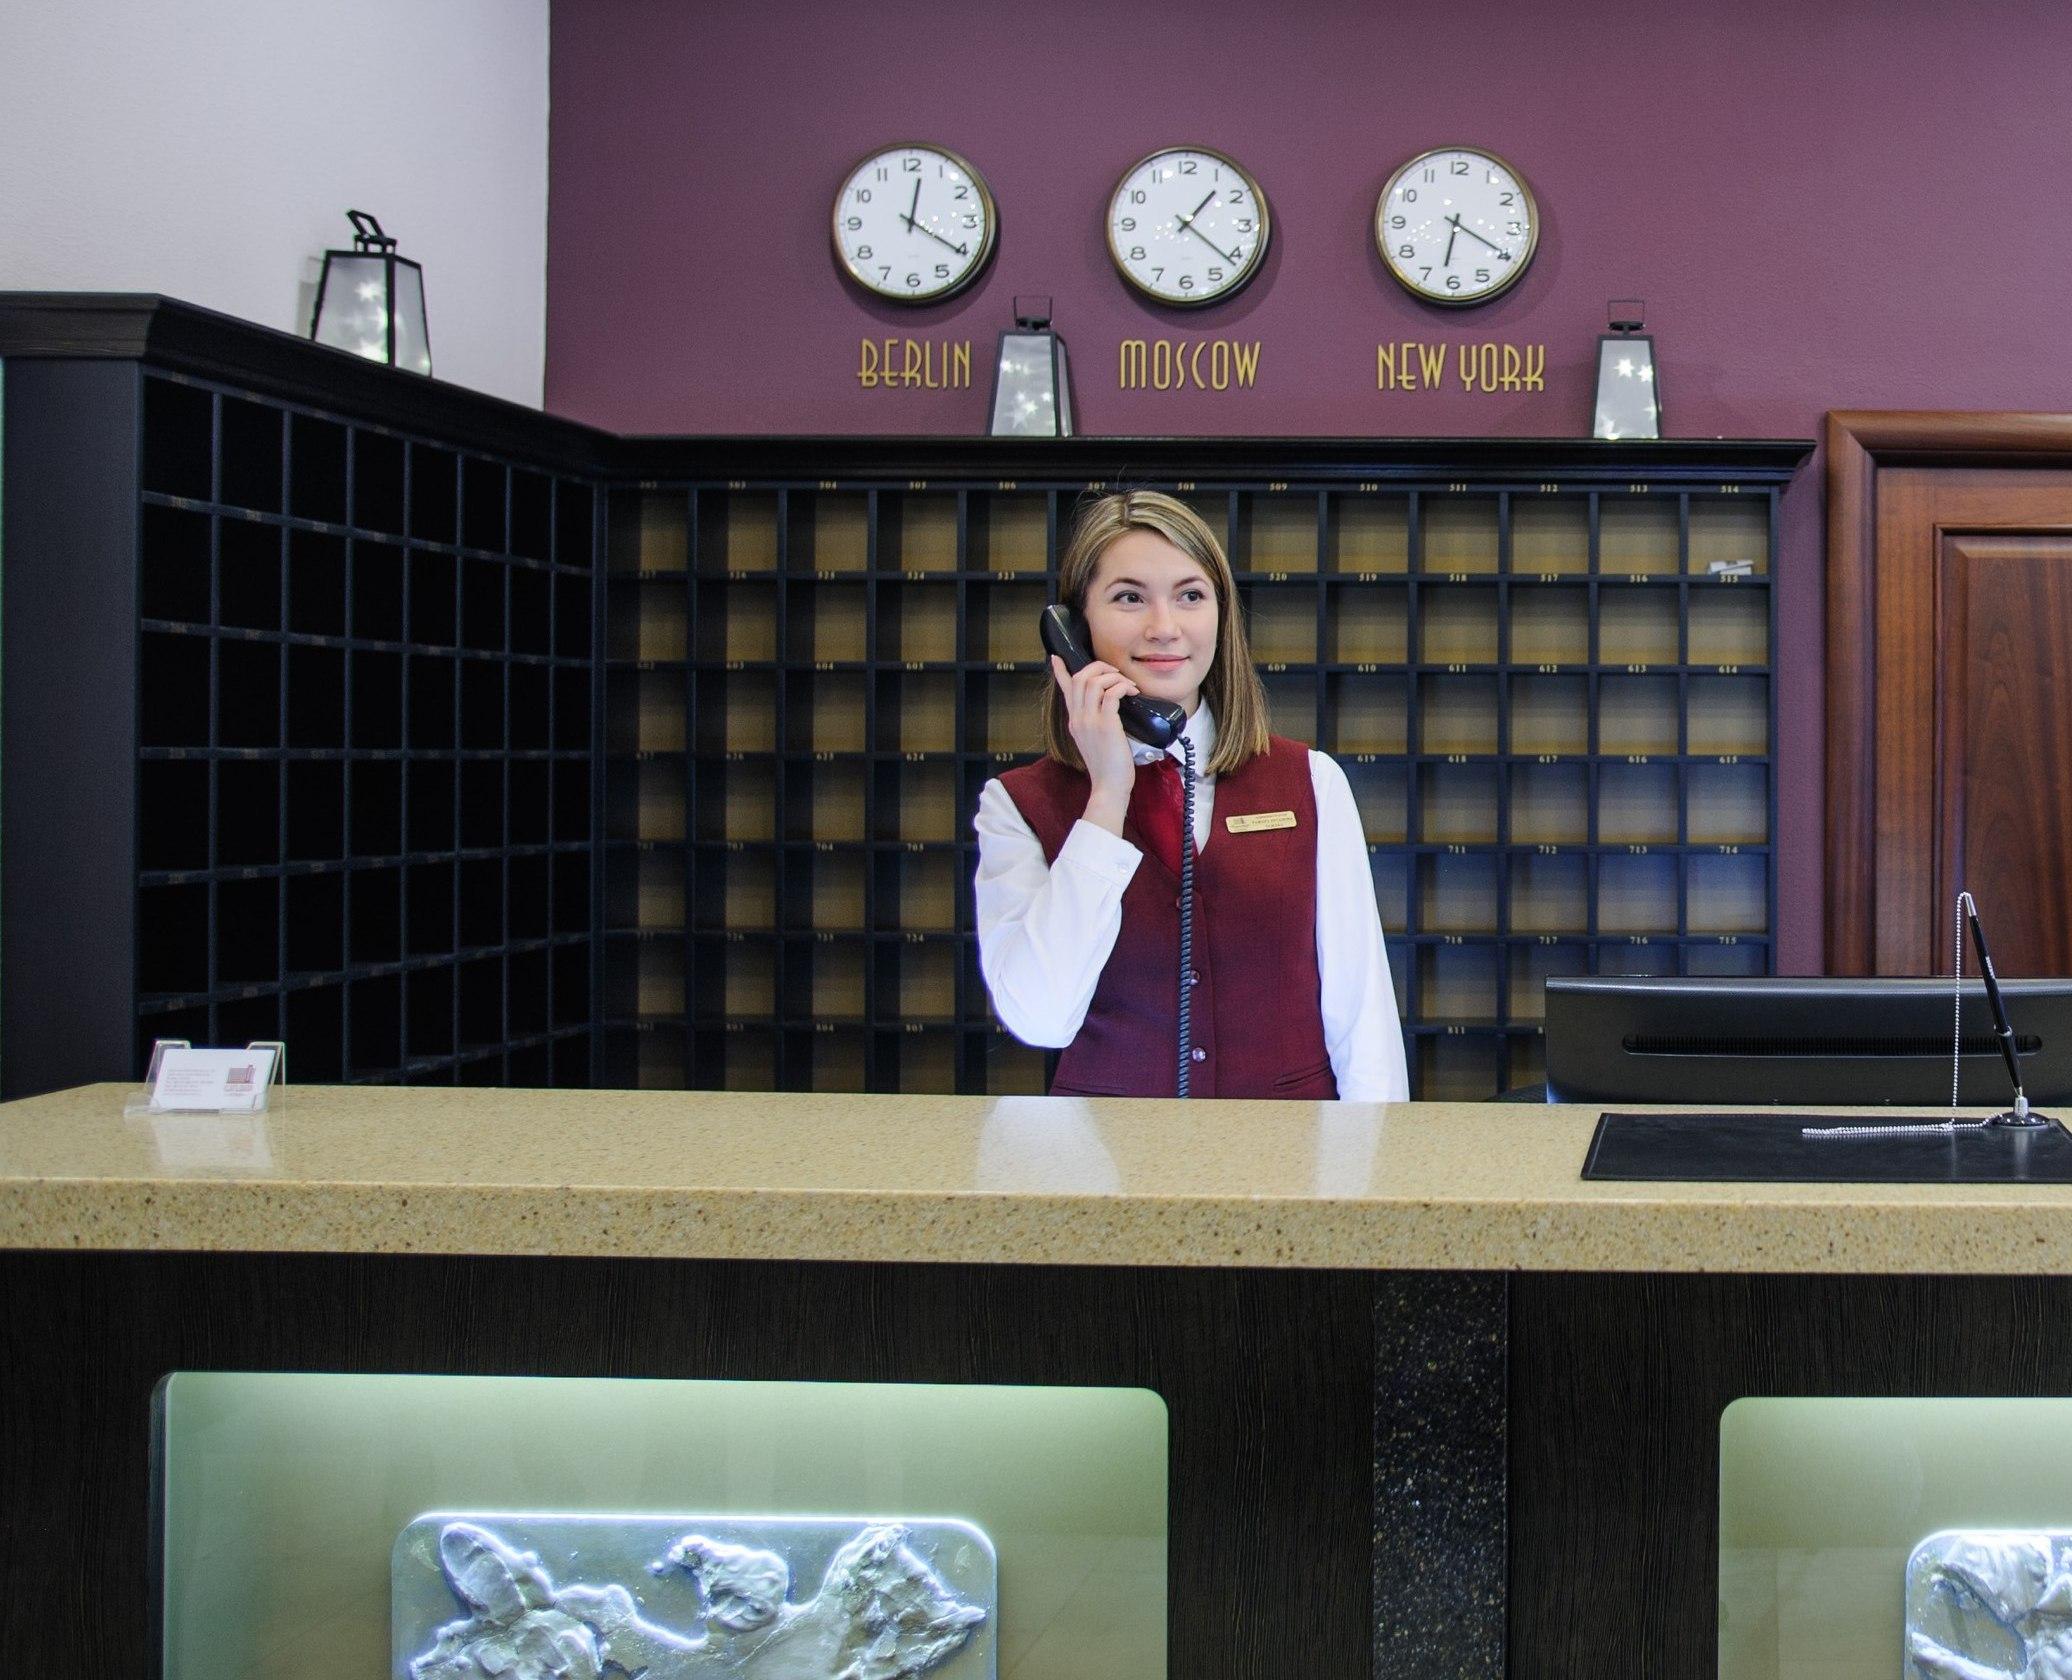 Иногородним покупателям: Гостиница за наш счет